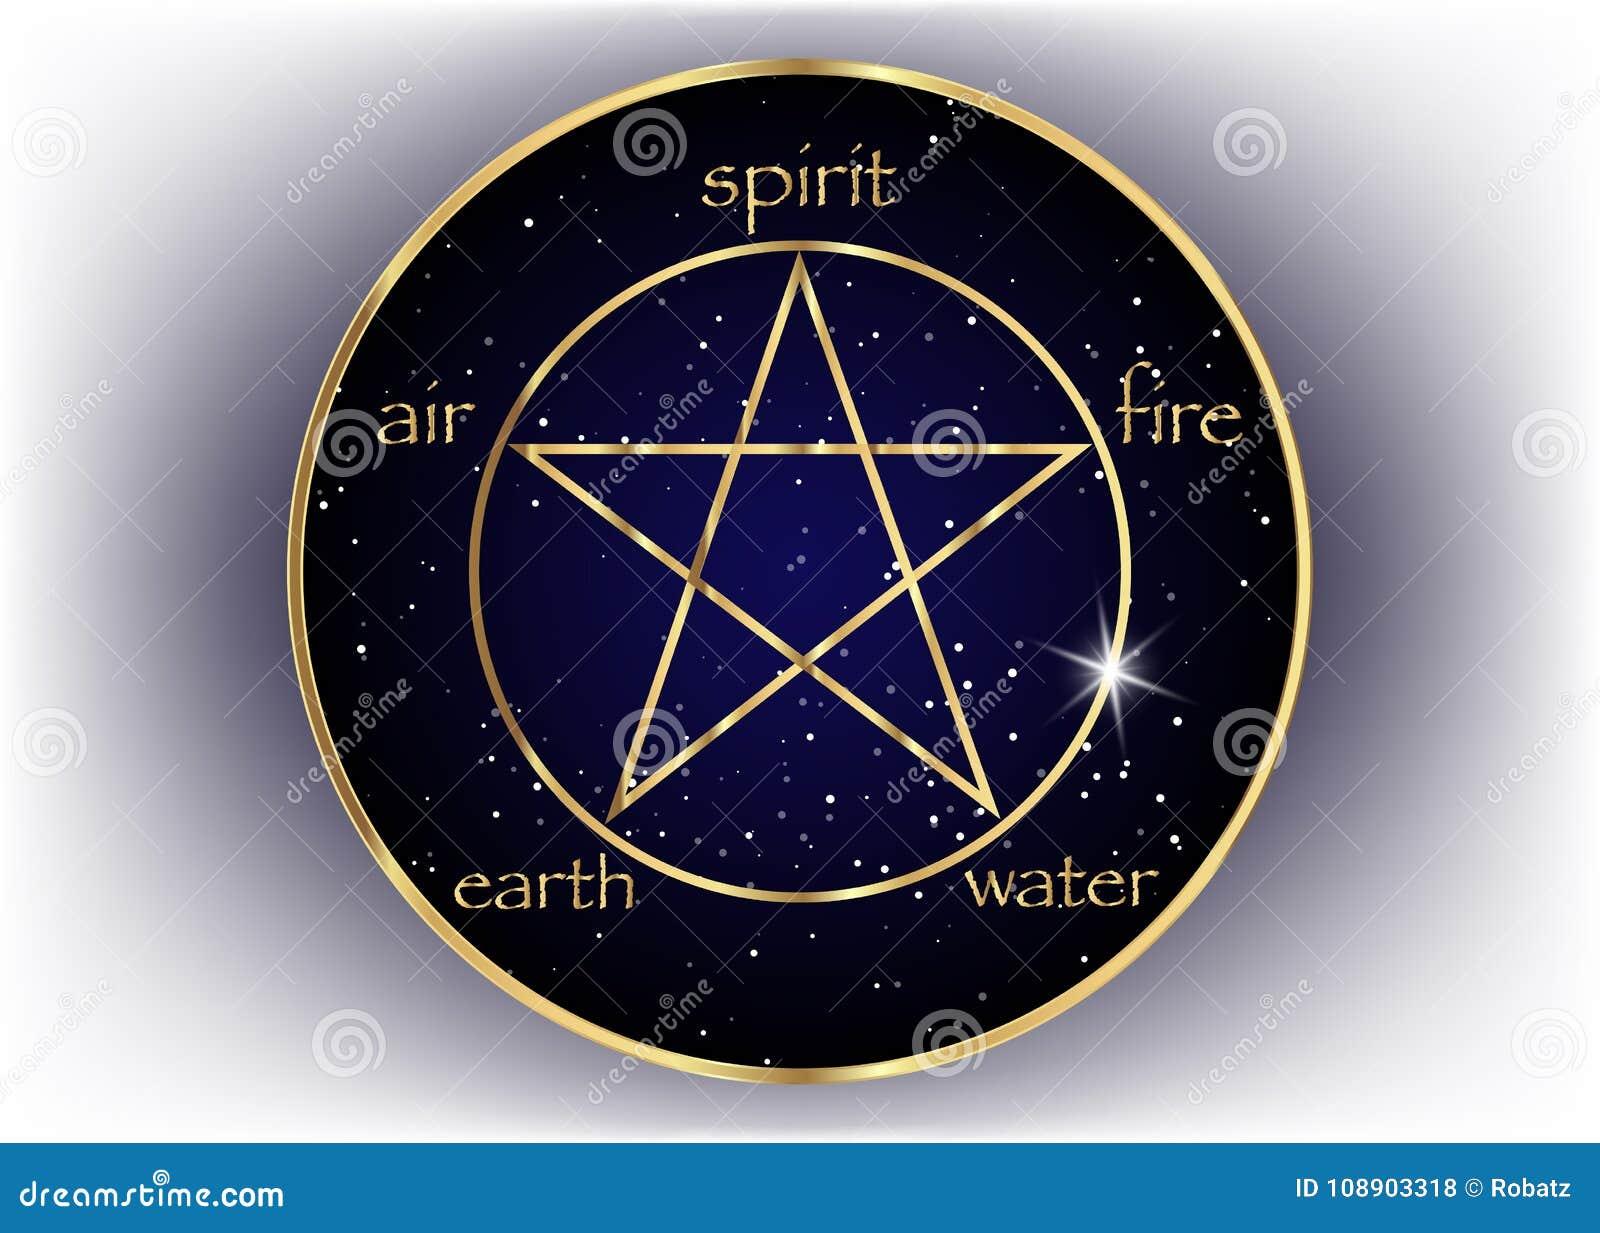 Значок пентаграммы золота с 5 элементами: Дух, воздух, земля, огонь и вода Золотой символ алхимии и священной геометрии